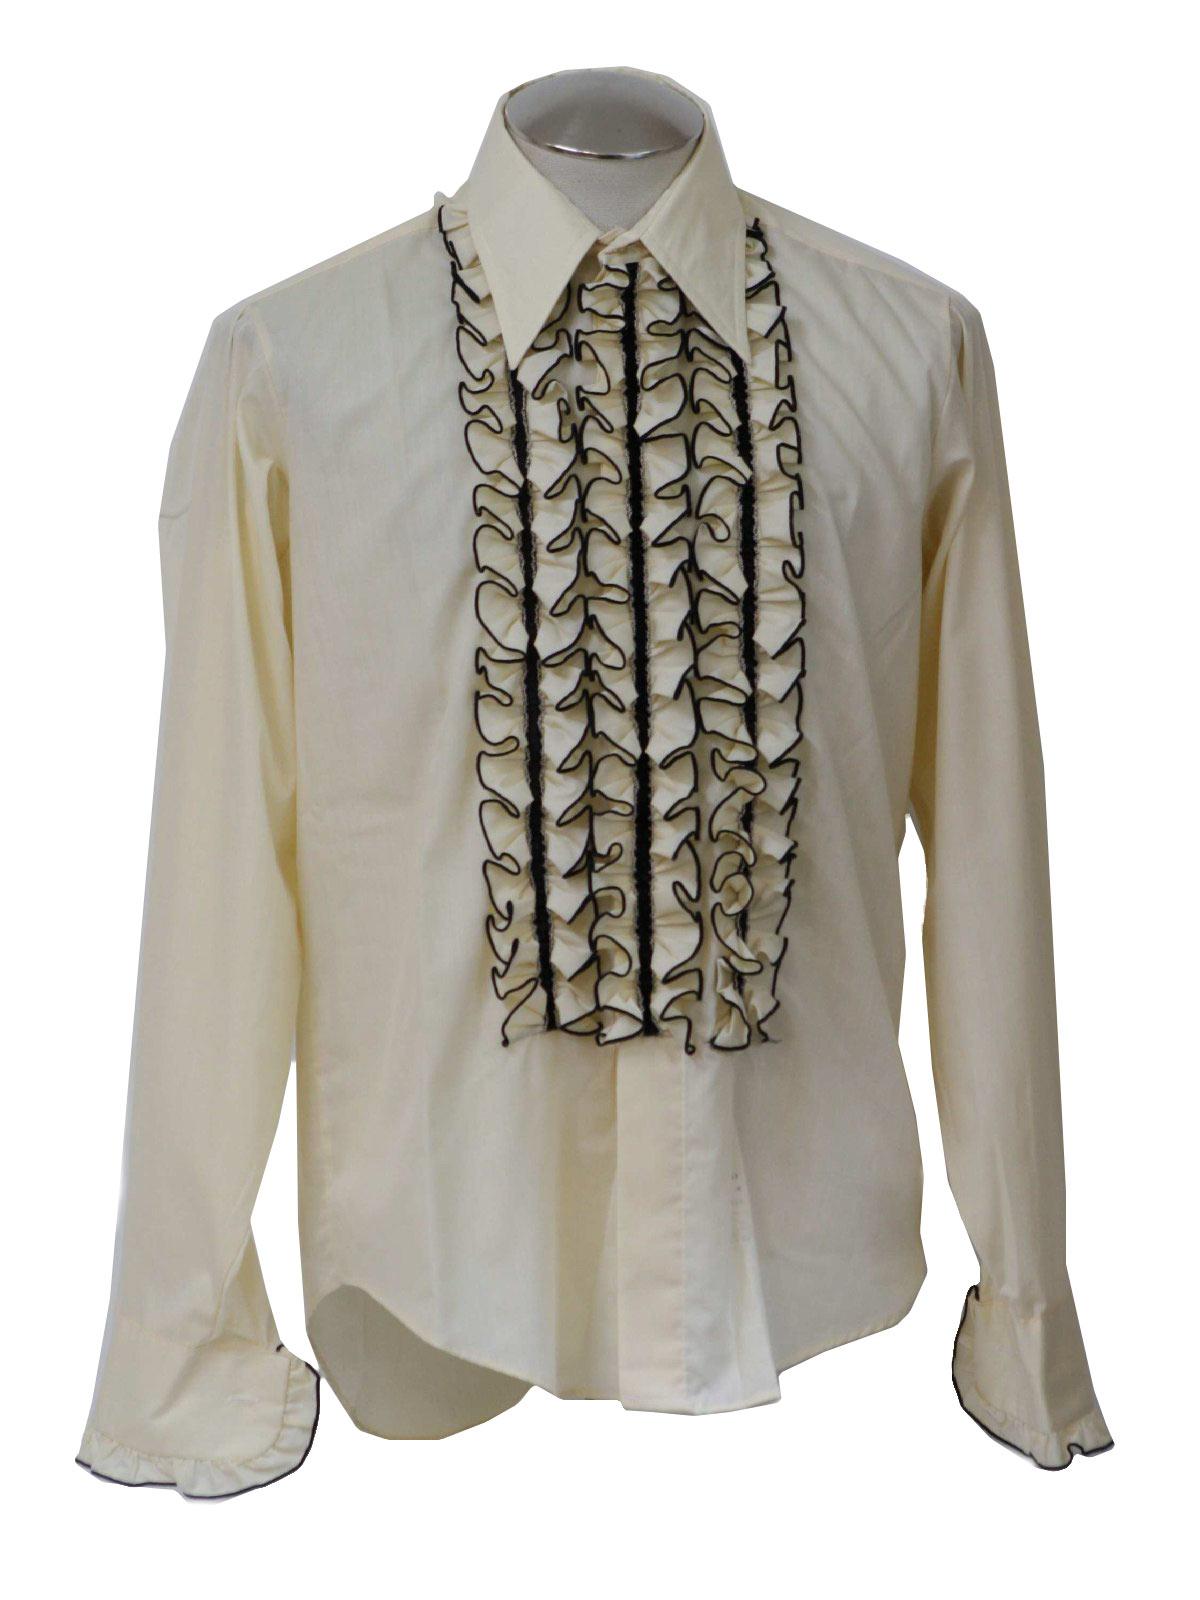 Vintage Palm Beach Formal Fashions Seventies Shirt 70s